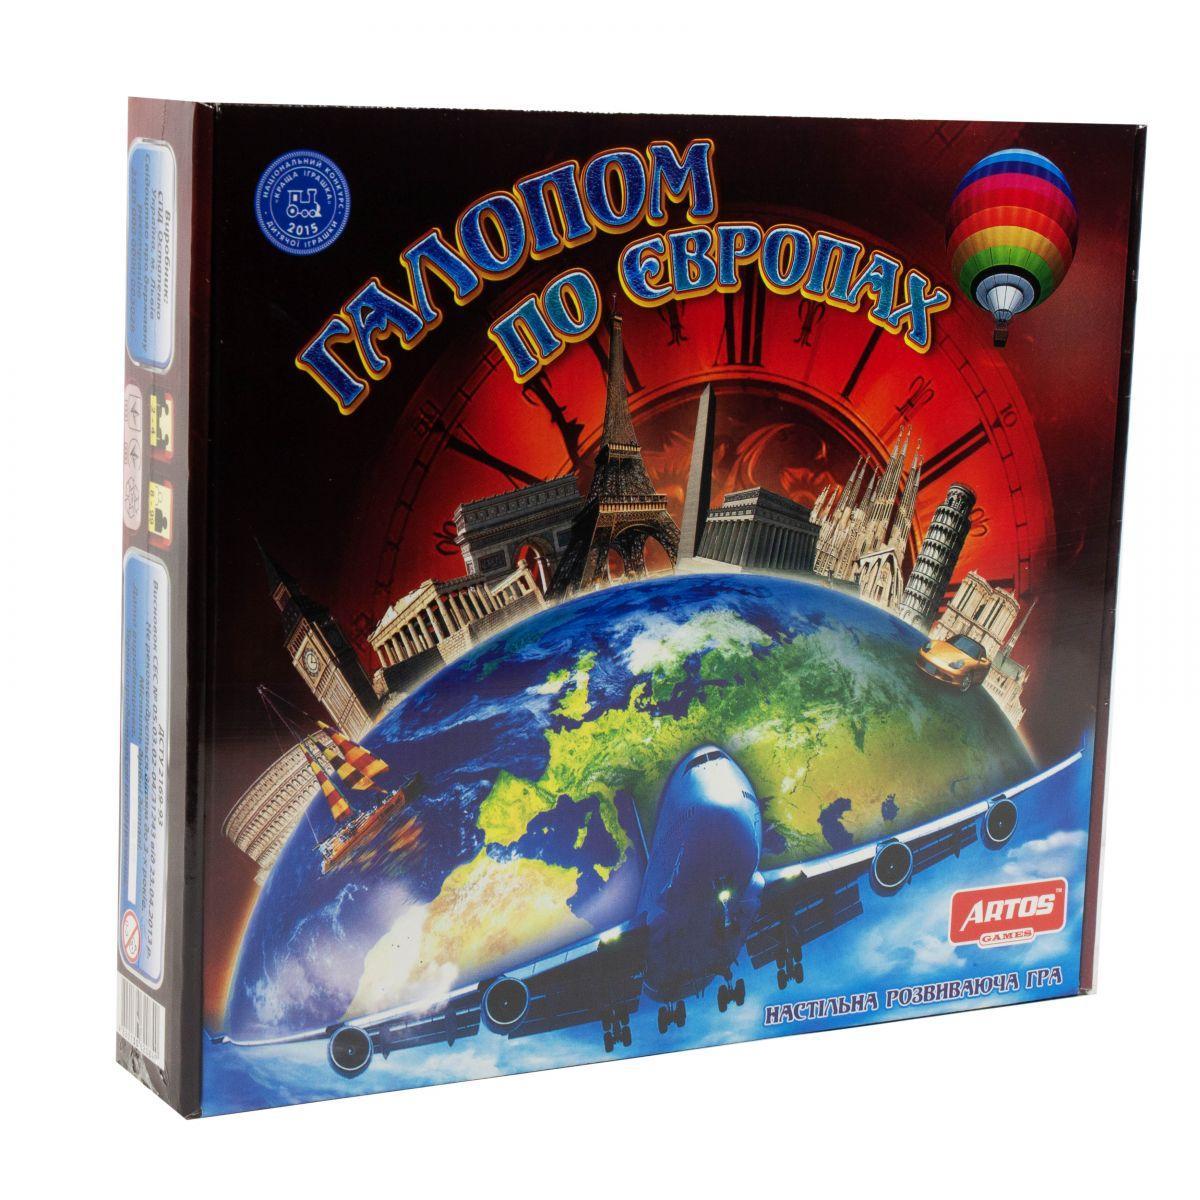 Настольная игра Галопом по Европах 20840 (18340)